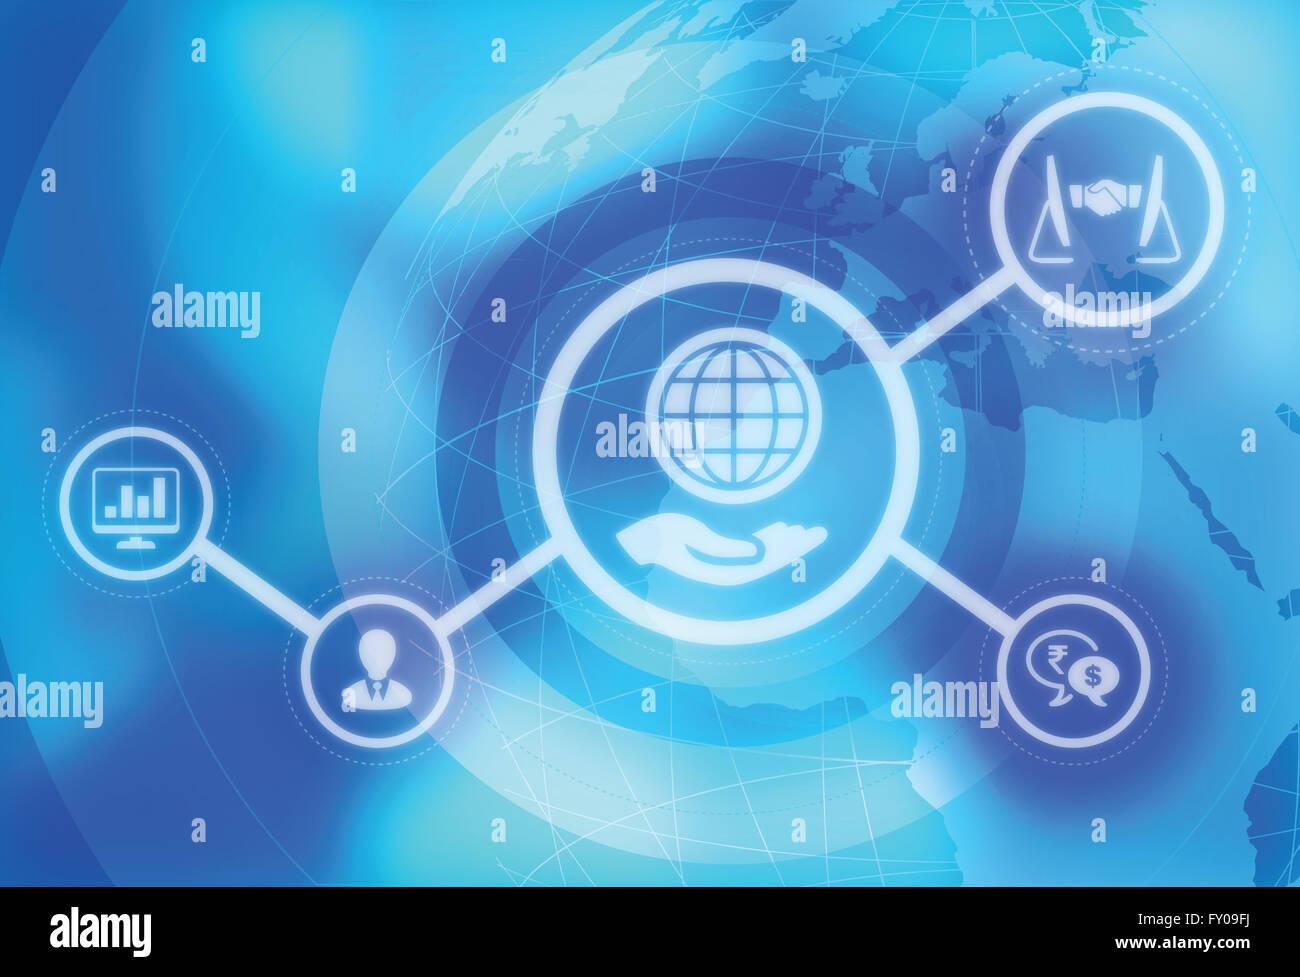 Image d'illustration représentant la mondialisation de l'activité Banque D'Images